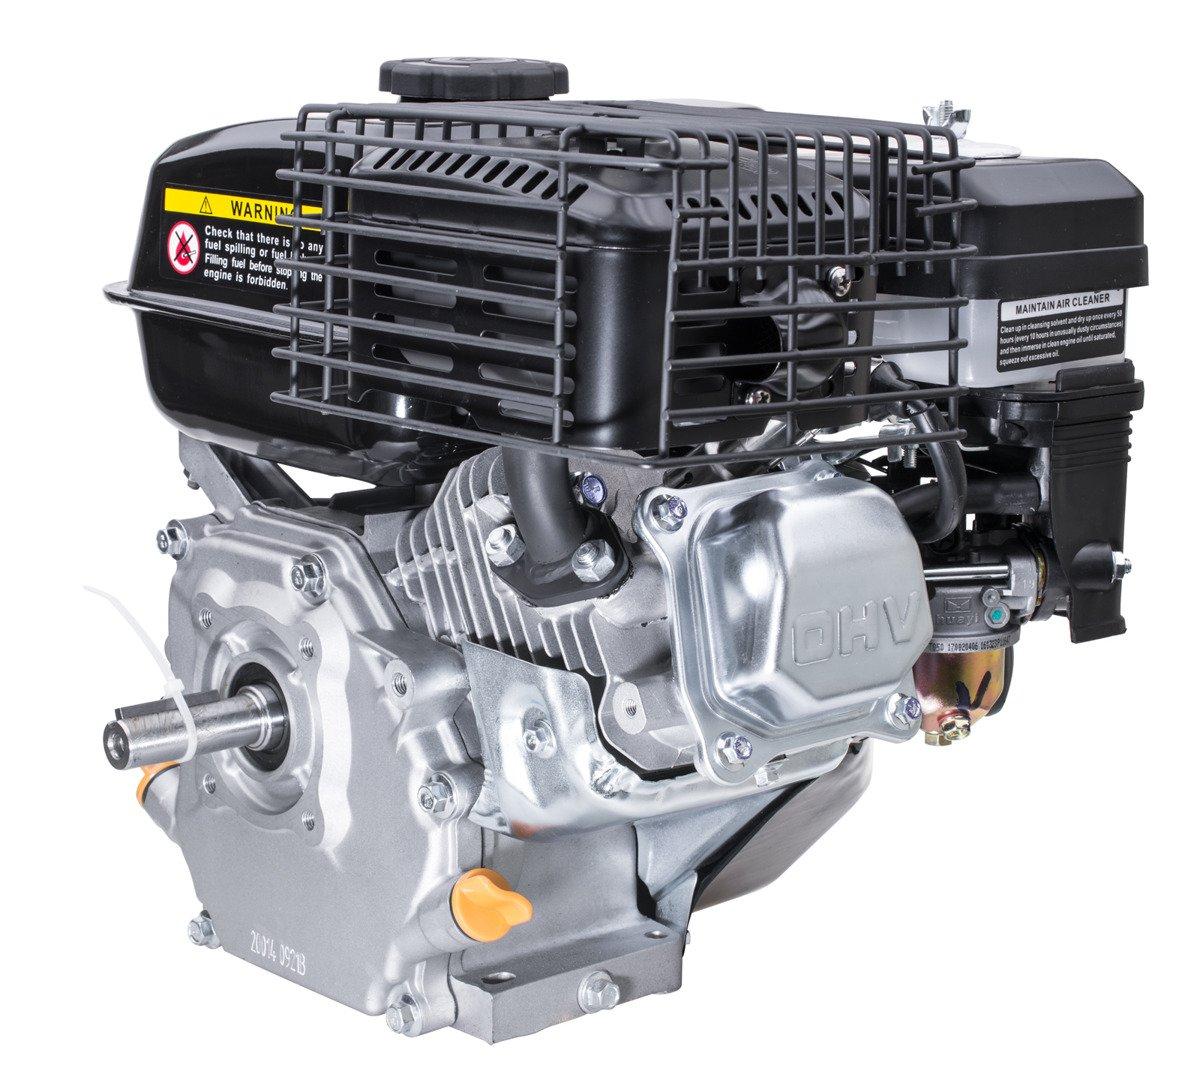 Loncin G200f 196 Cm3 Fi 20mm Silnik Benzynowy Czterosuwowy Do